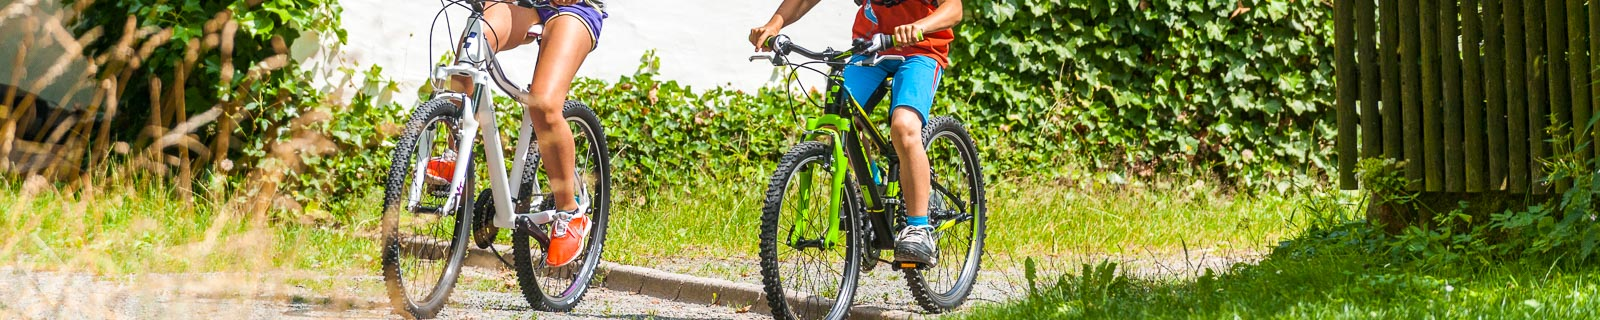 Bicicleta niño 24 pulgadas